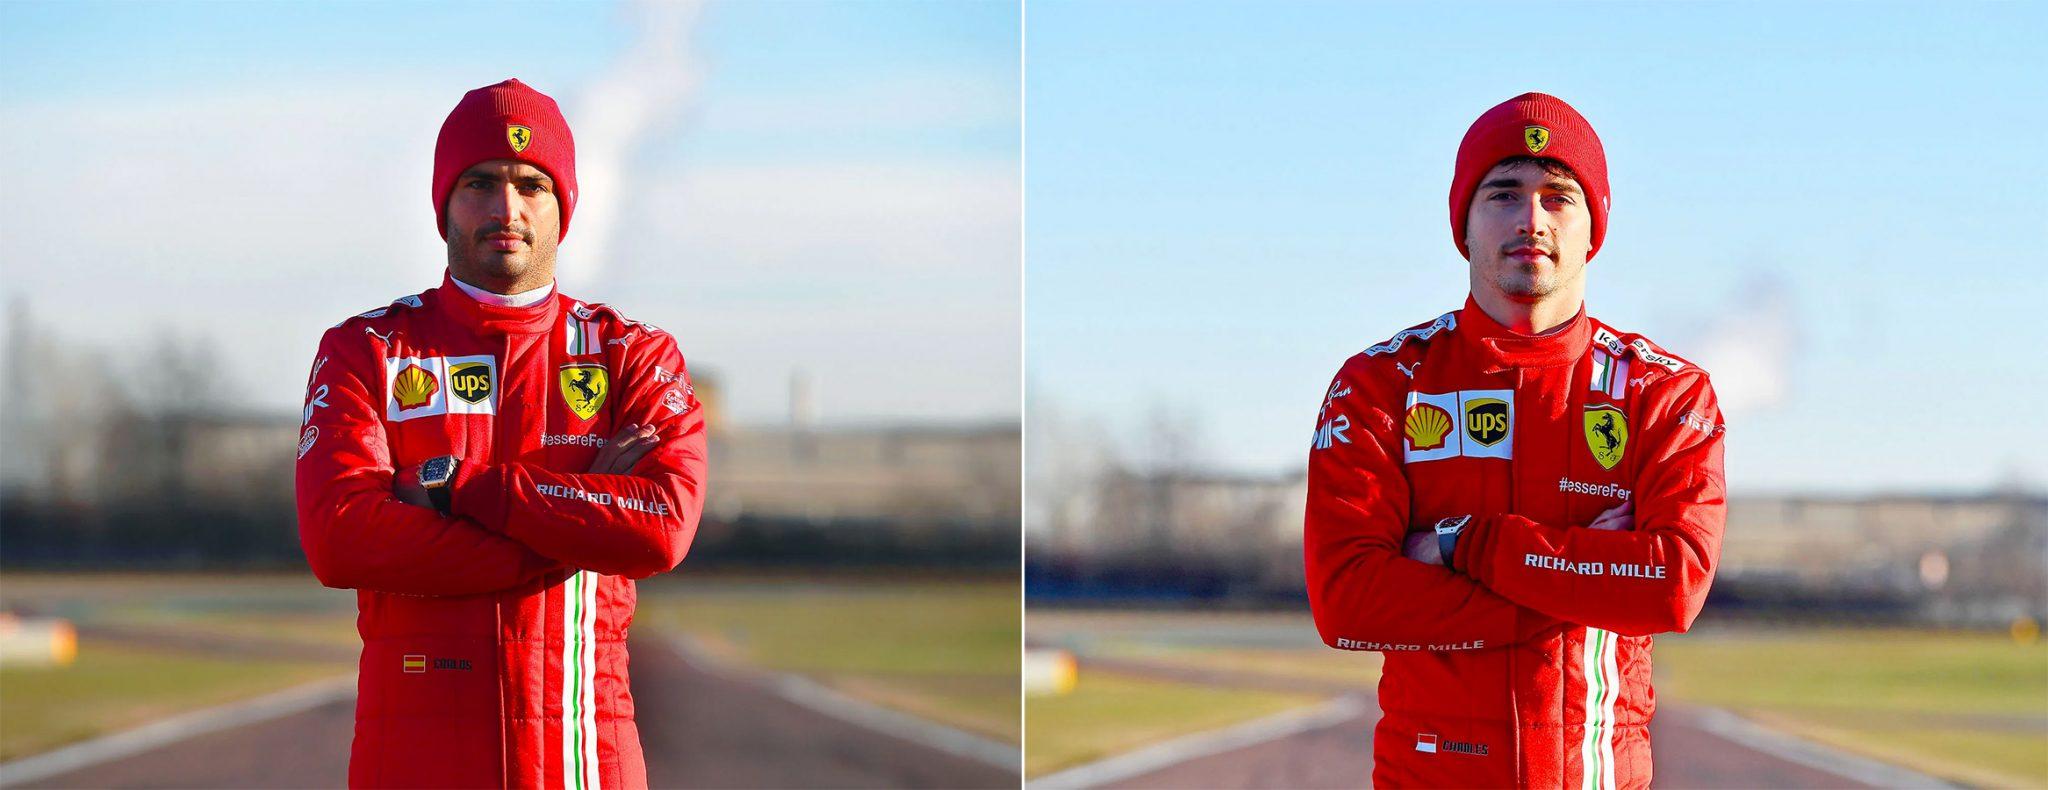 Richard Mille Und Ferrari Geben Partnerschaft Bekannt Swisswatches